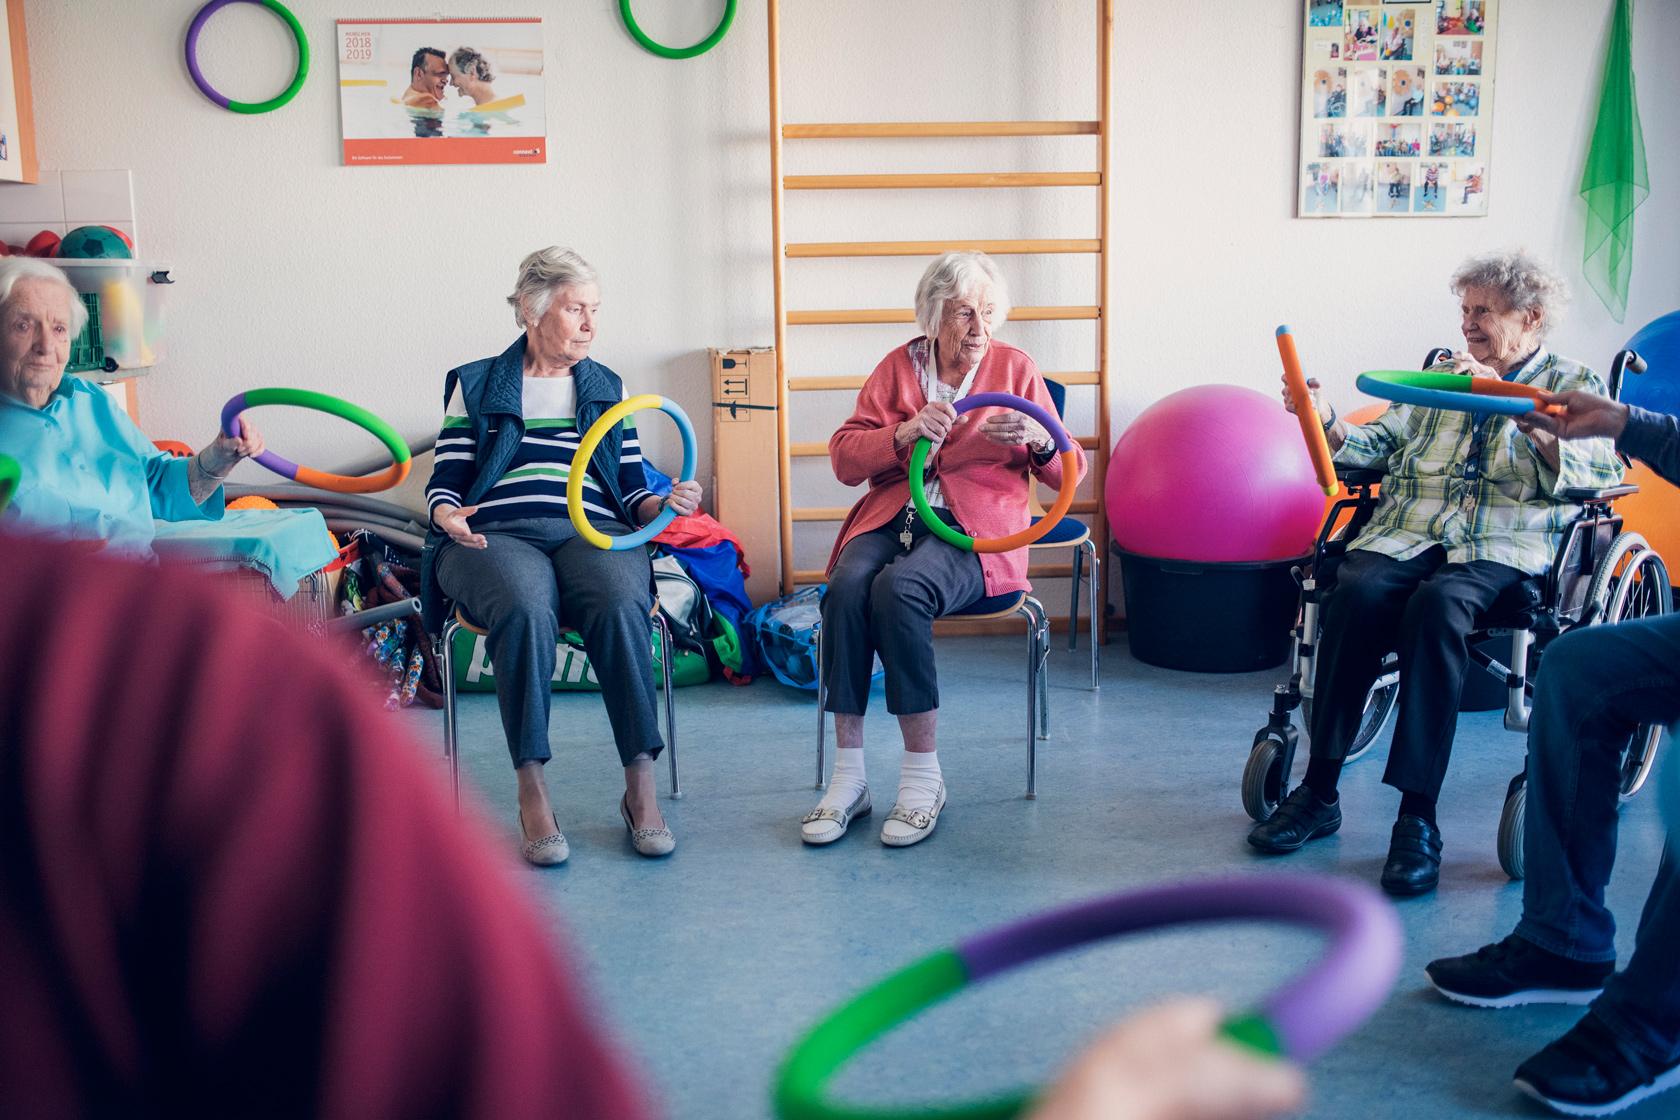 Bewohnerinnen bei morgendliche Gymnastik mit bunten Reifen im Stuhlkreis